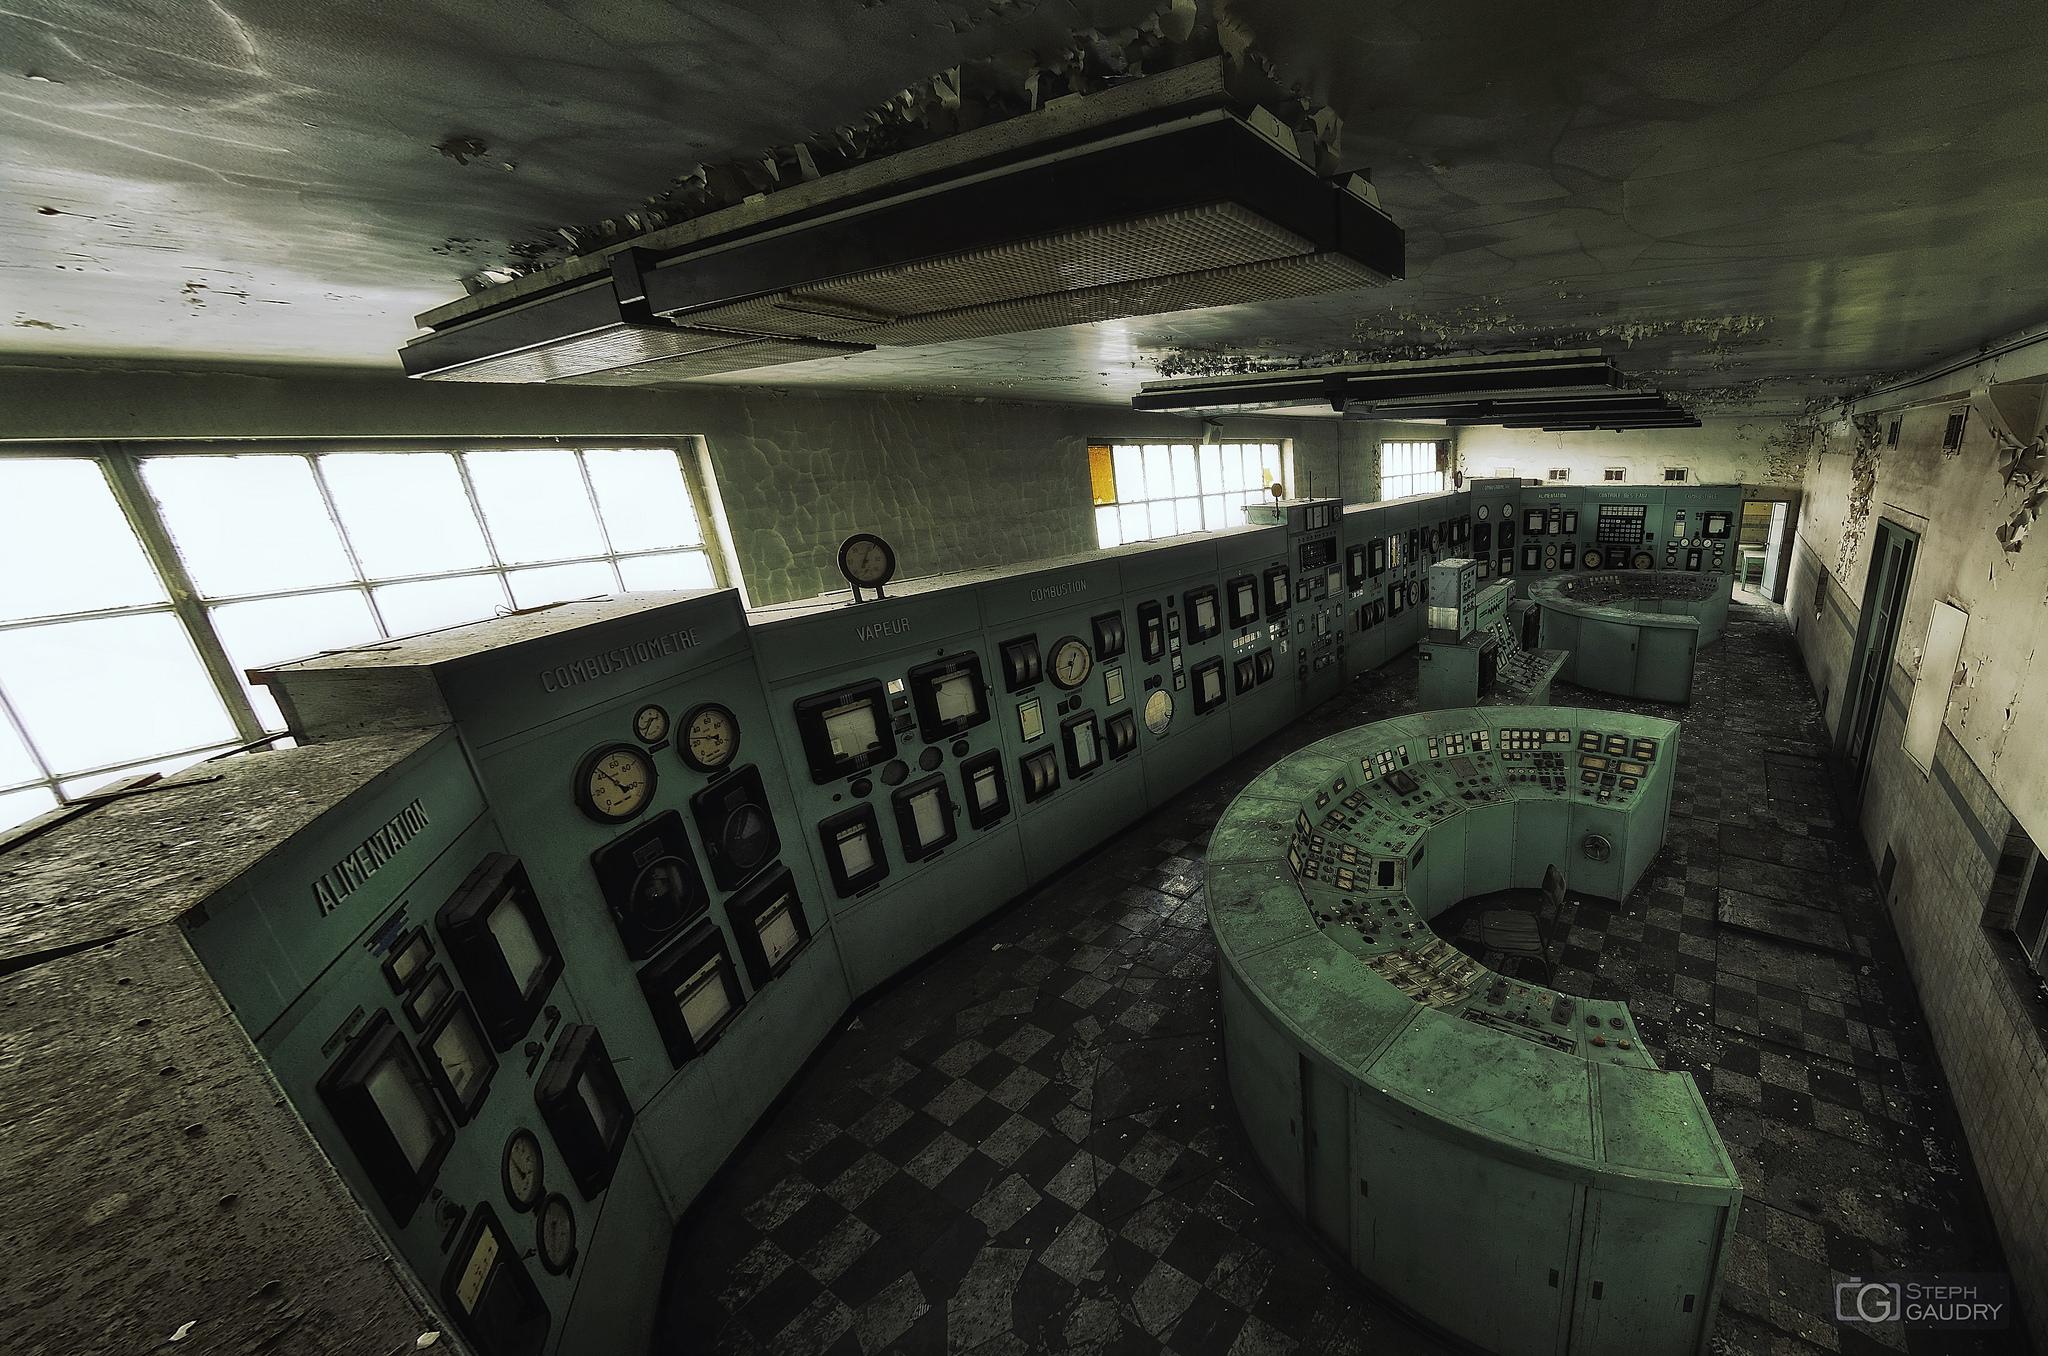 La salle de contrôle verte [Cliquez pour lancer le diaporama]